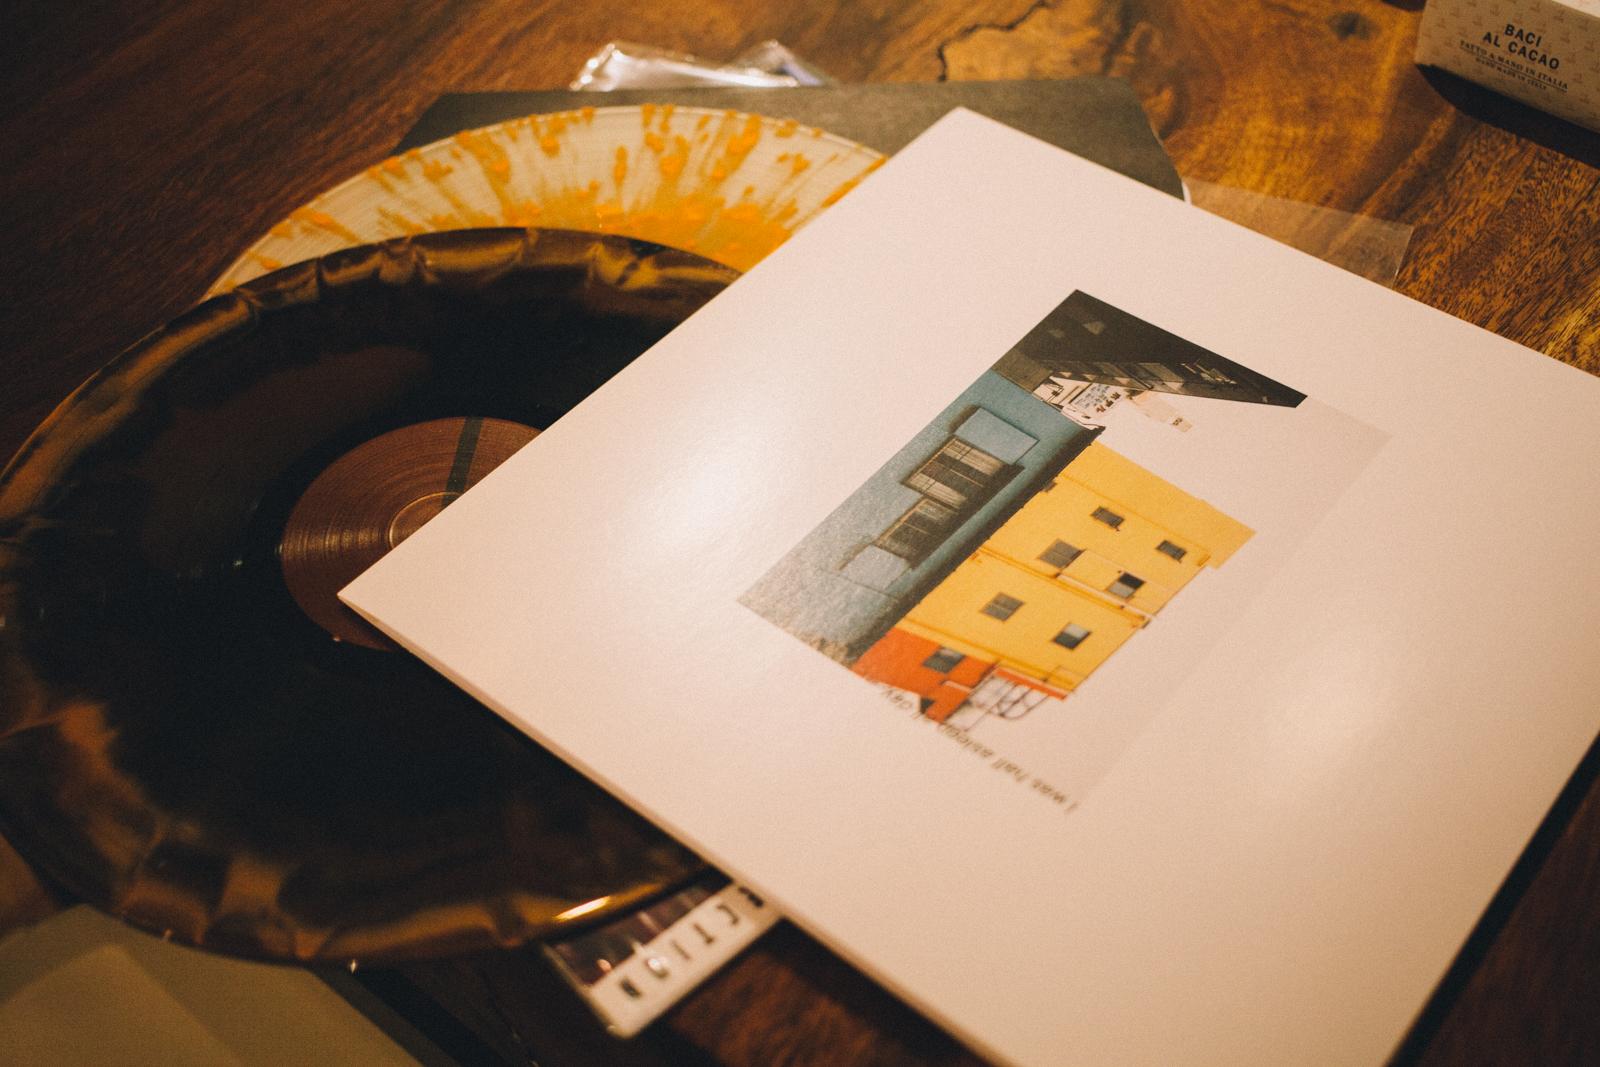 代々木上原 QRATES レコード制作や音楽メディアを手がける TDMS inc. ヨンボさん